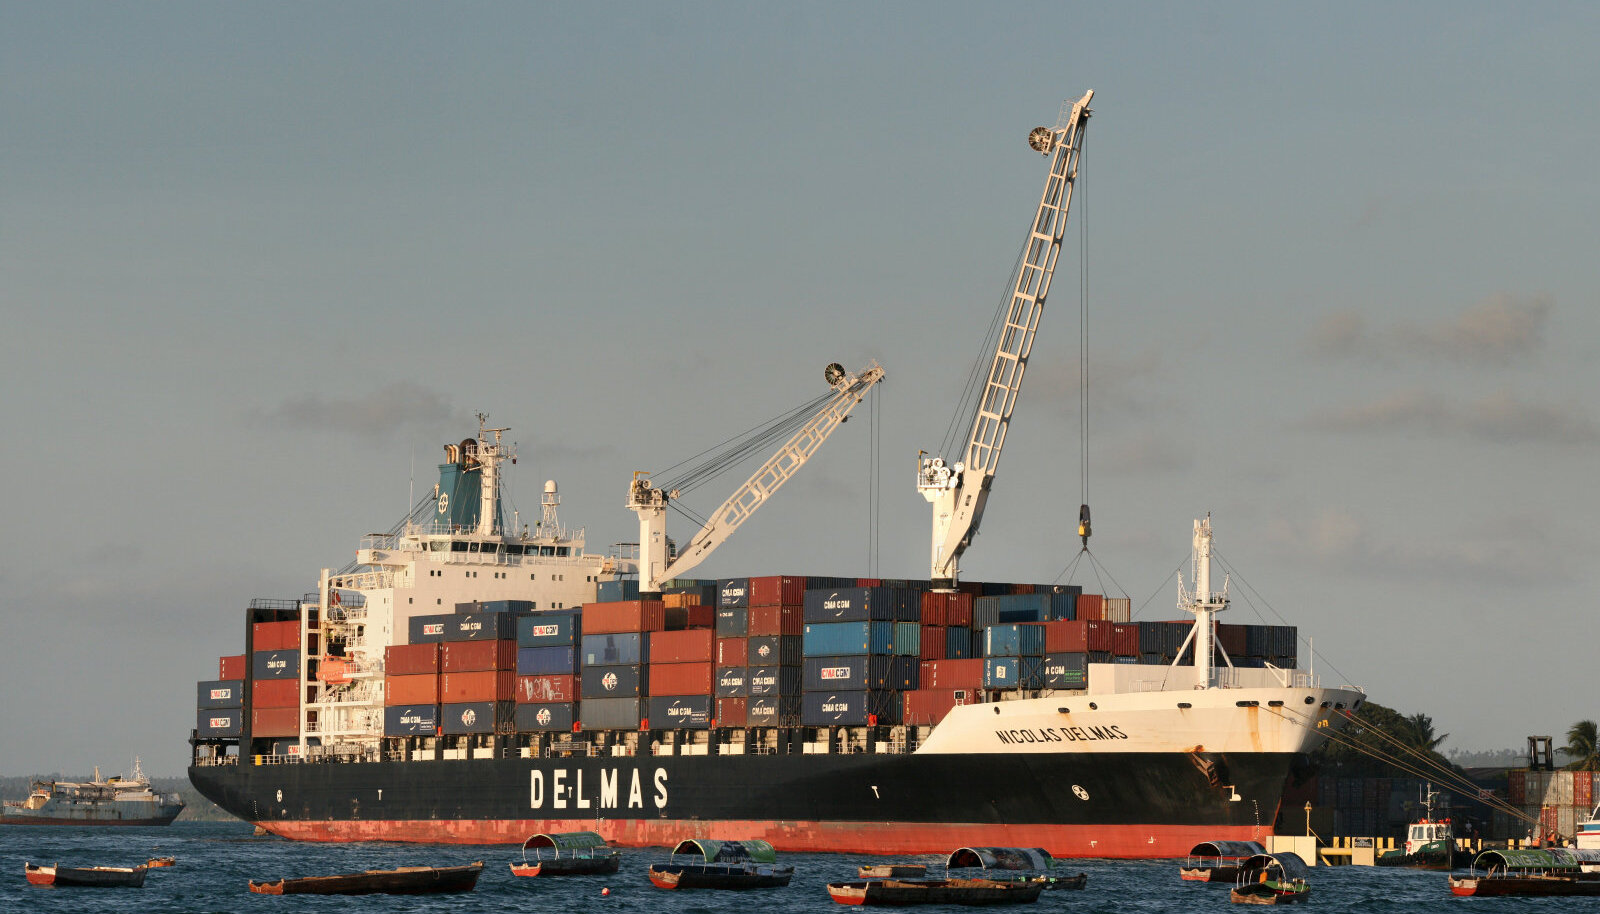 Enne kriisi oli konteineri hinnaks umbes 1600 USD, mis nüüdseks on 2500 USD-ni tõusnud.